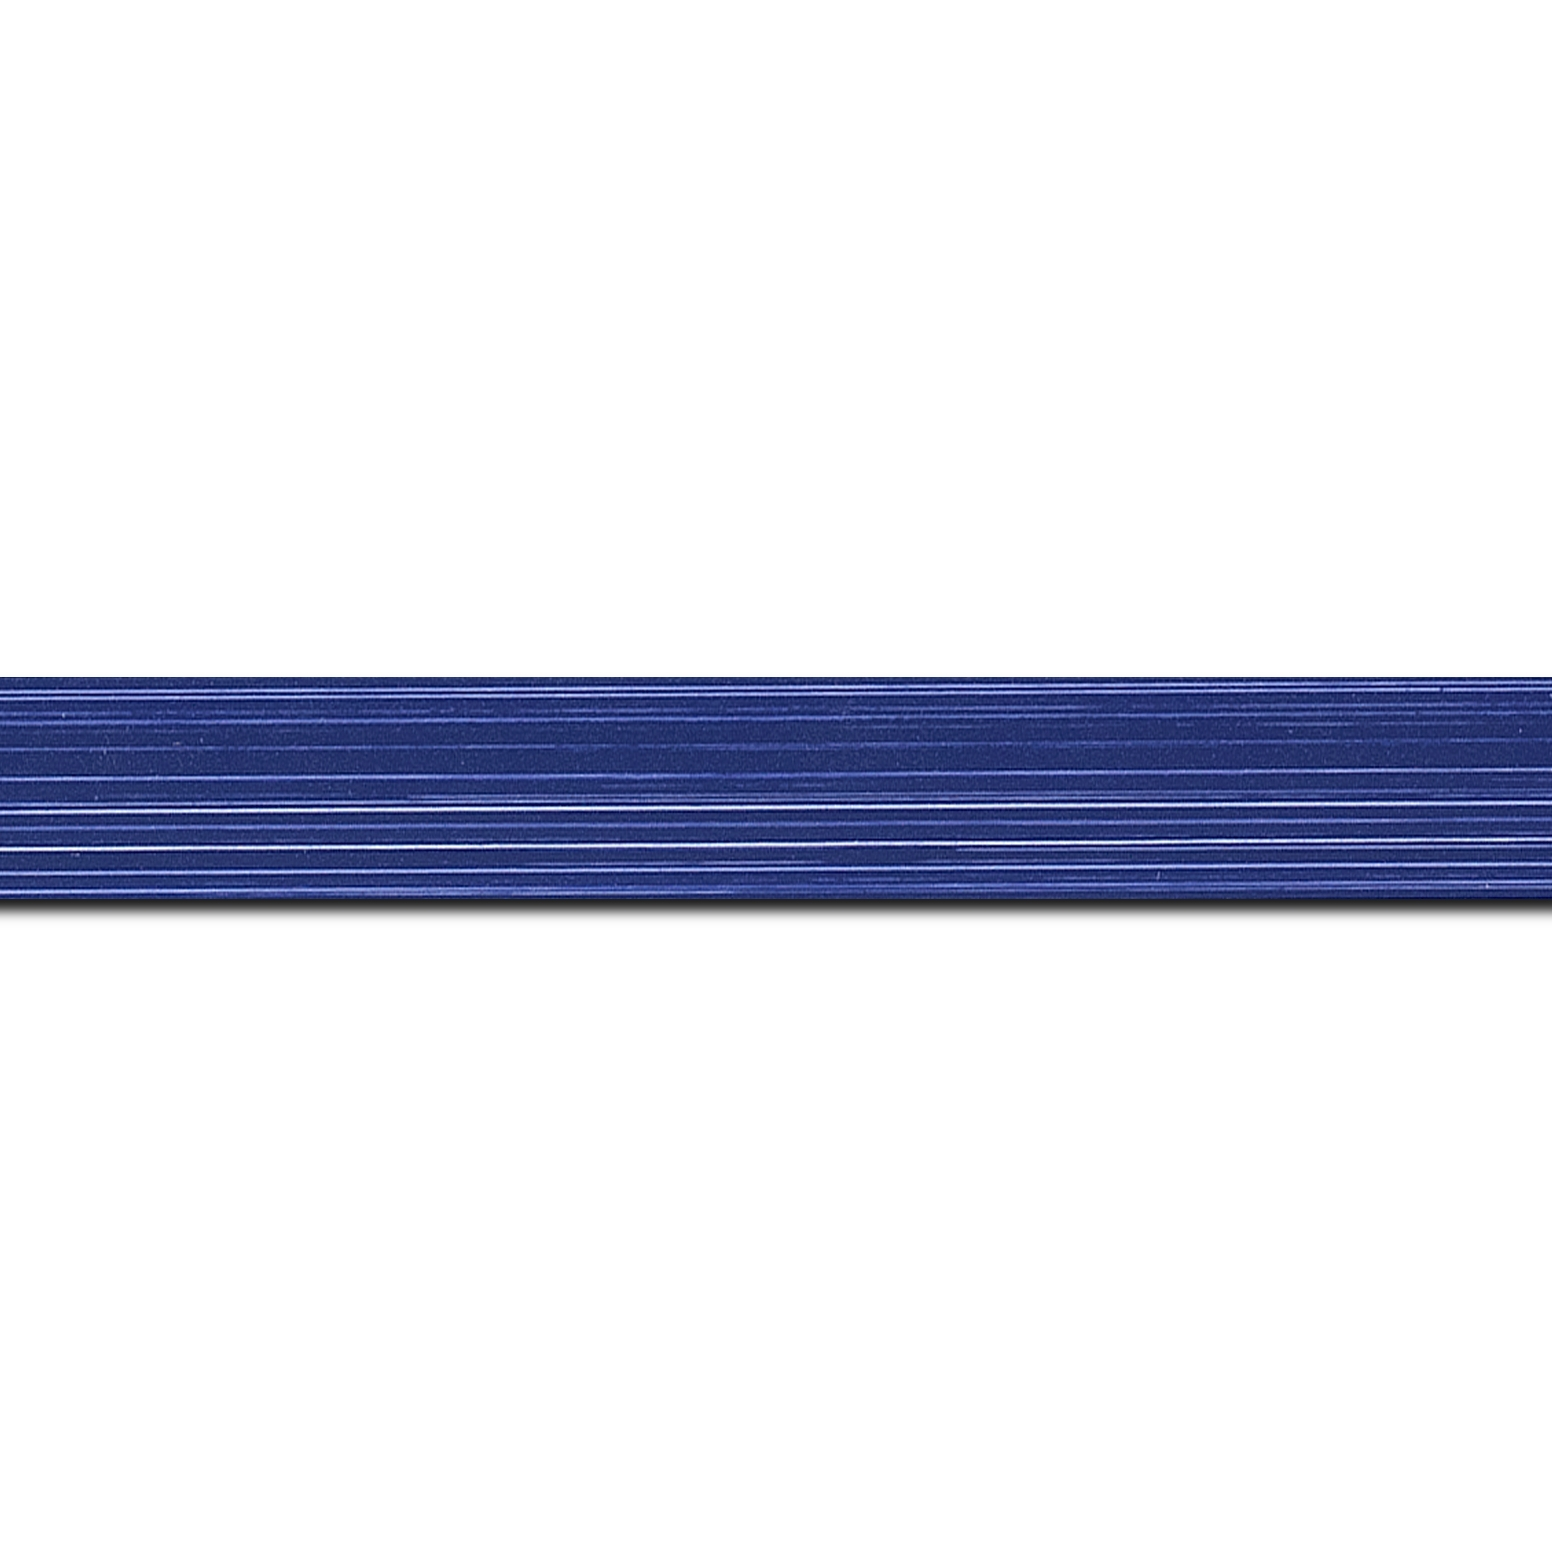 Pack par 12m, bois profil concave largeur 2.4cm couleur bleu foncé effet matière fond blanc(longueur baguette pouvant varier entre 2.40m et 3m selon arrivage des bois)